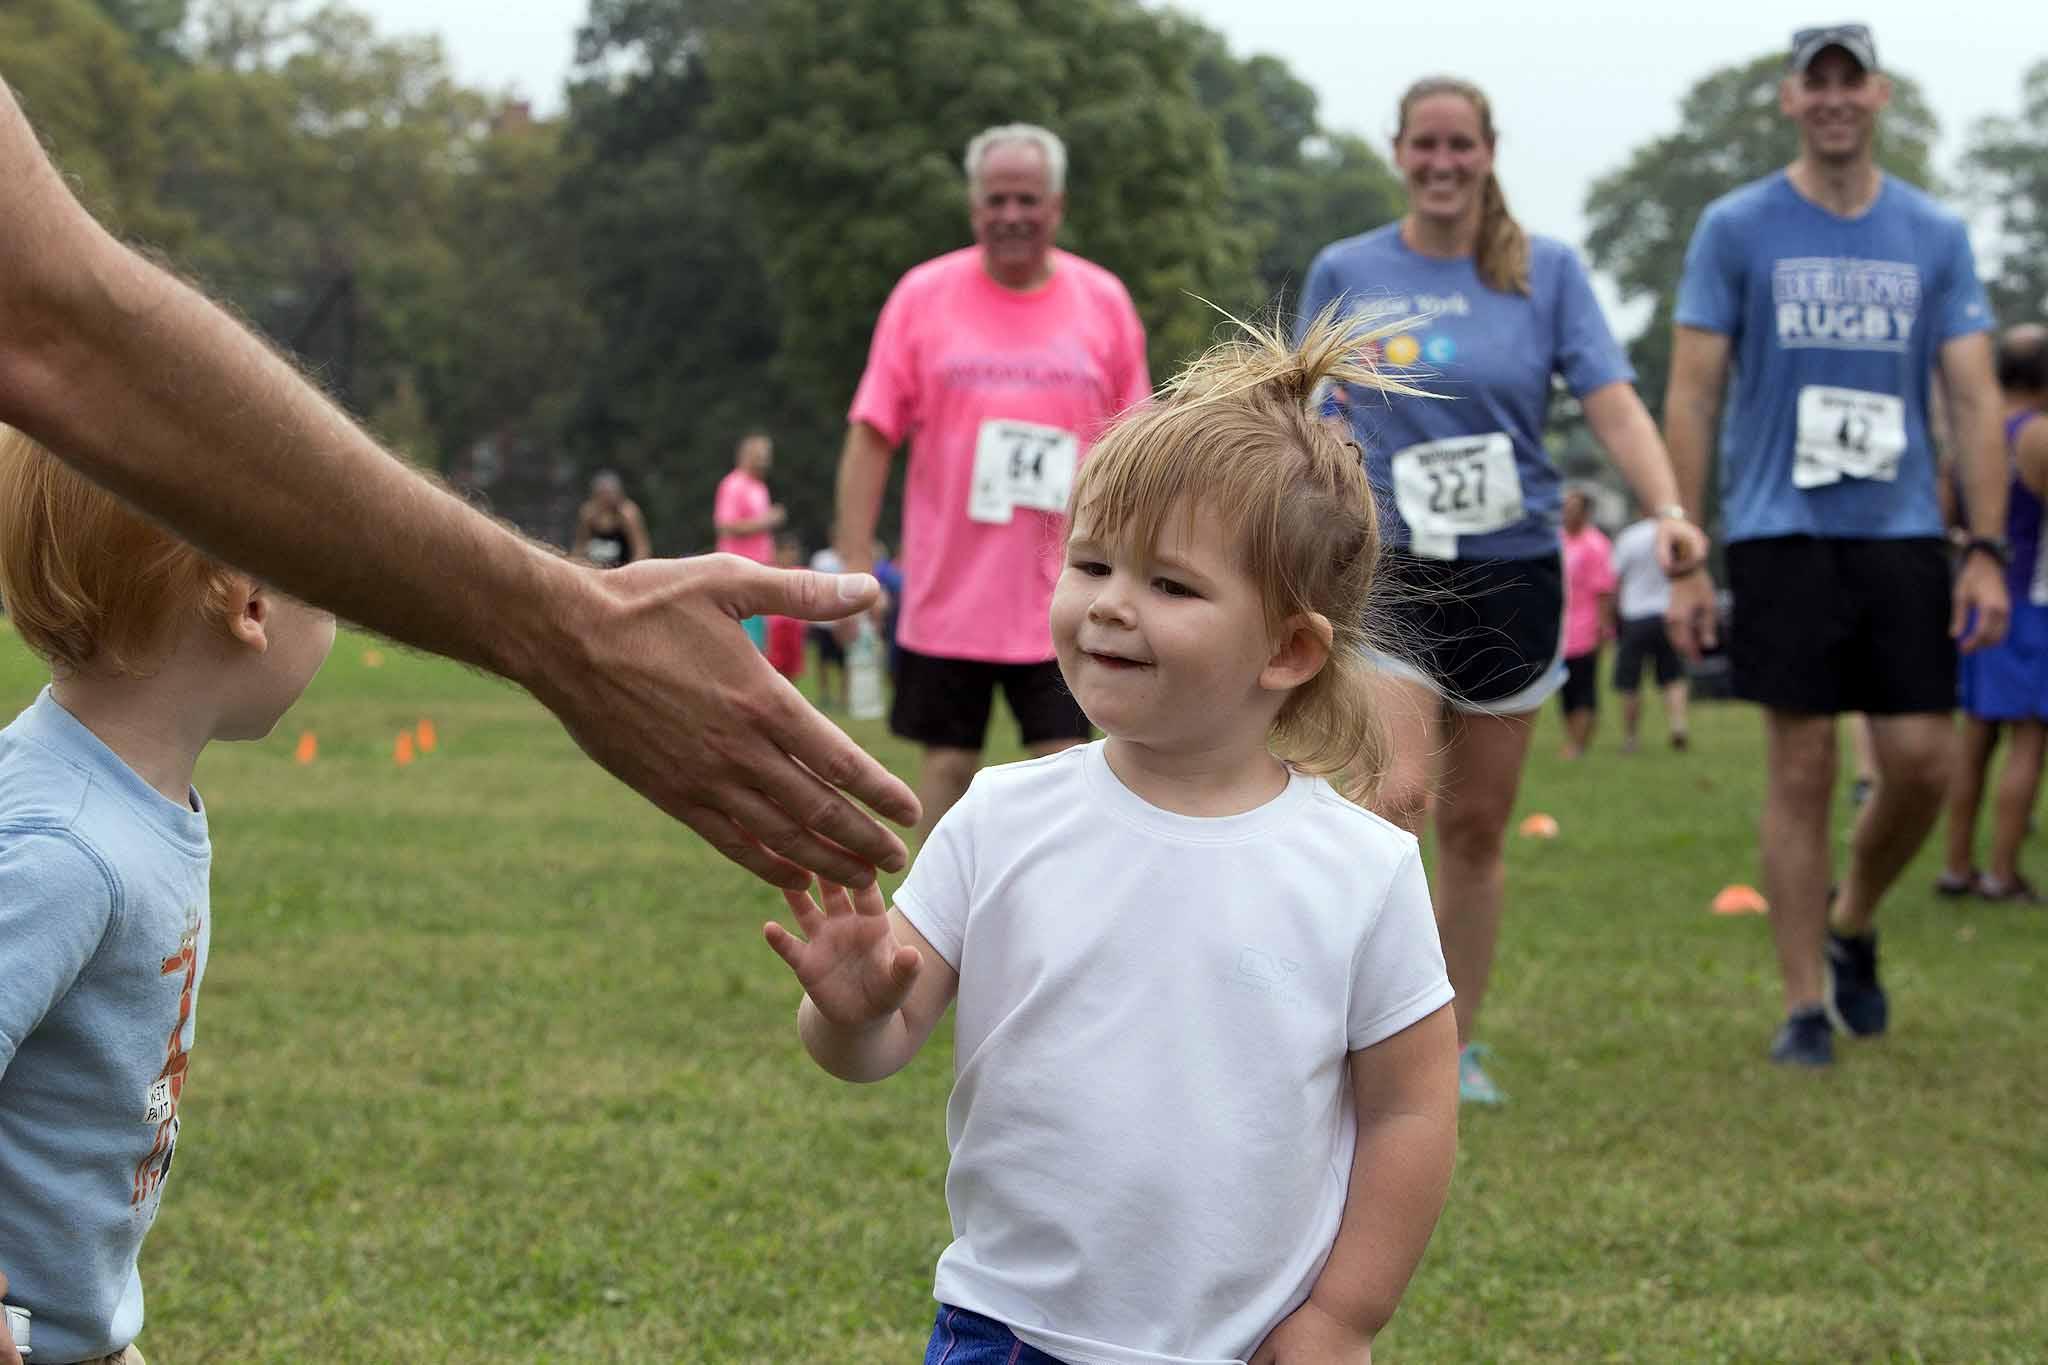 201-Woodlawn Run for a Cause-591.jpg